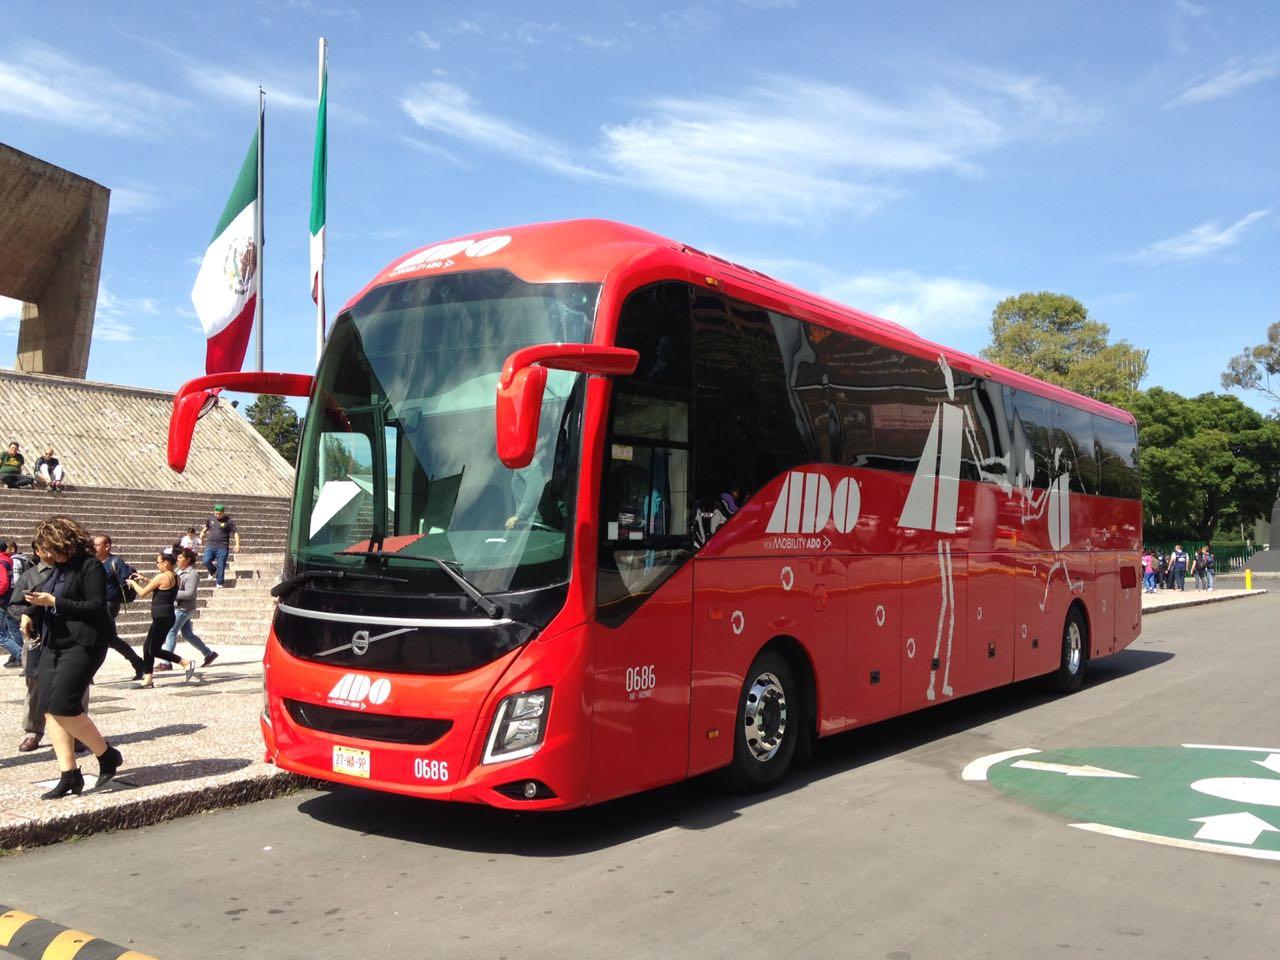 Mobility ADO, movilidad con enfoque humano, simple e inteligente